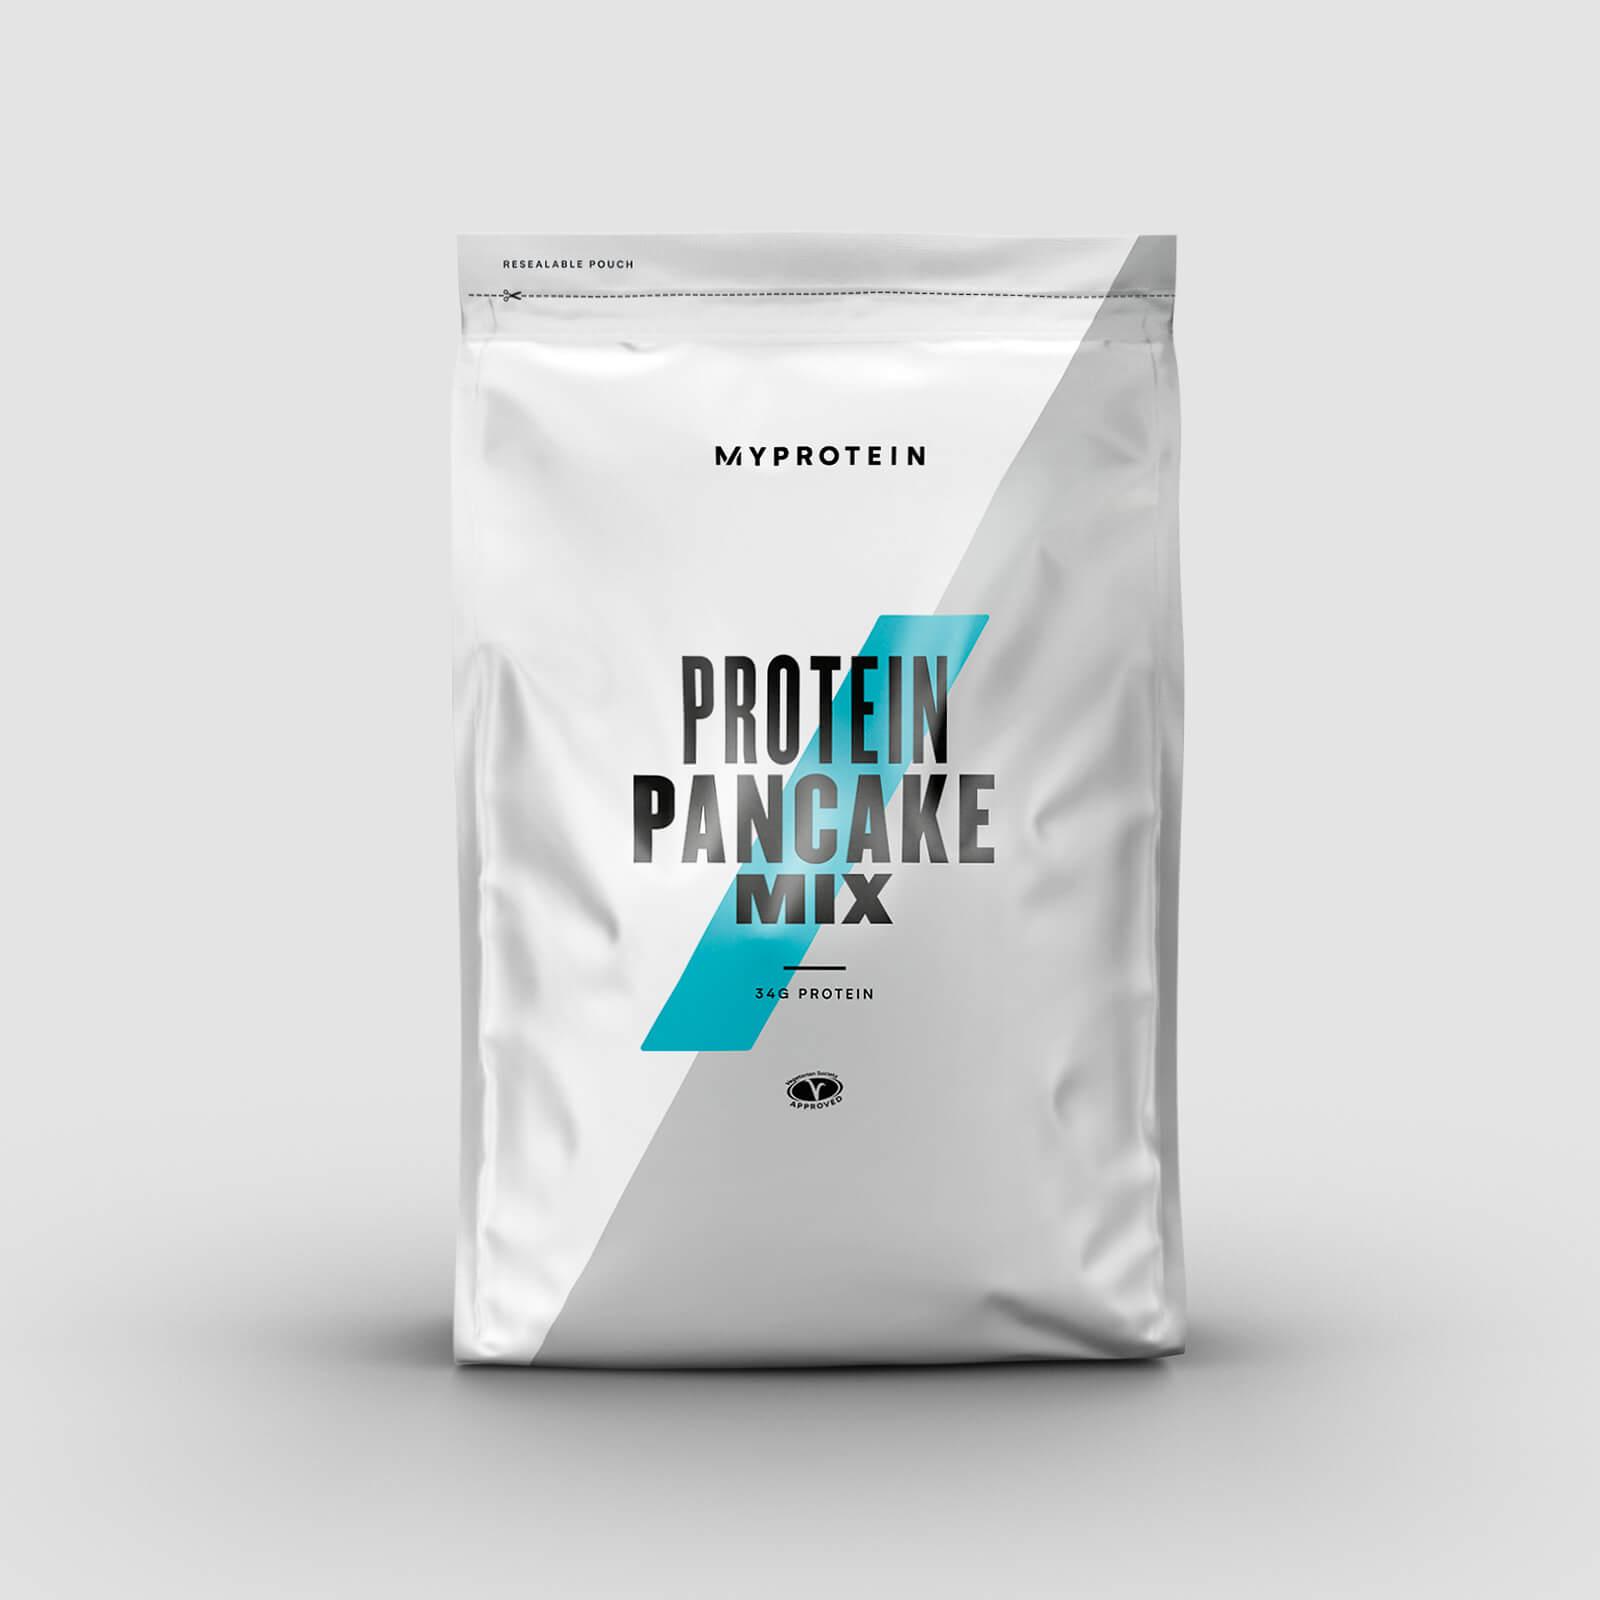 Préparation Pancake Protéiné - 200g - Nut Nougat Cream